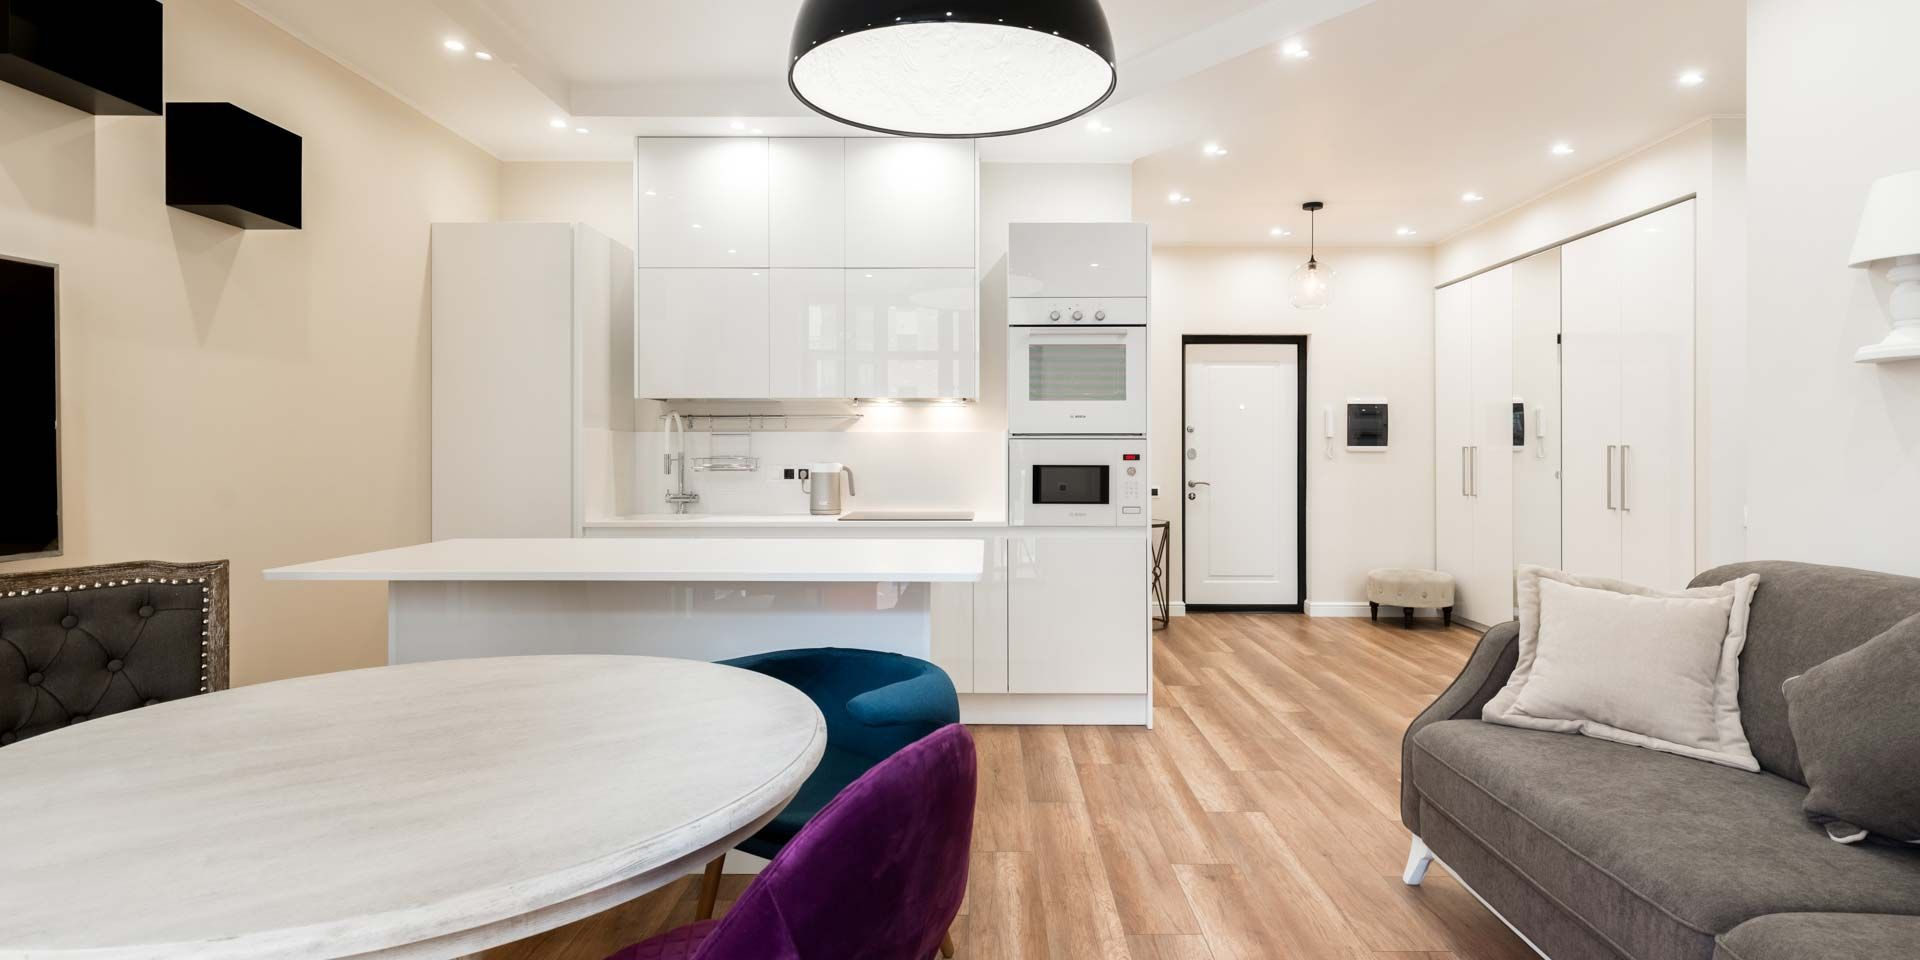 Белая кухня, черные кубы и разноцветные стулья